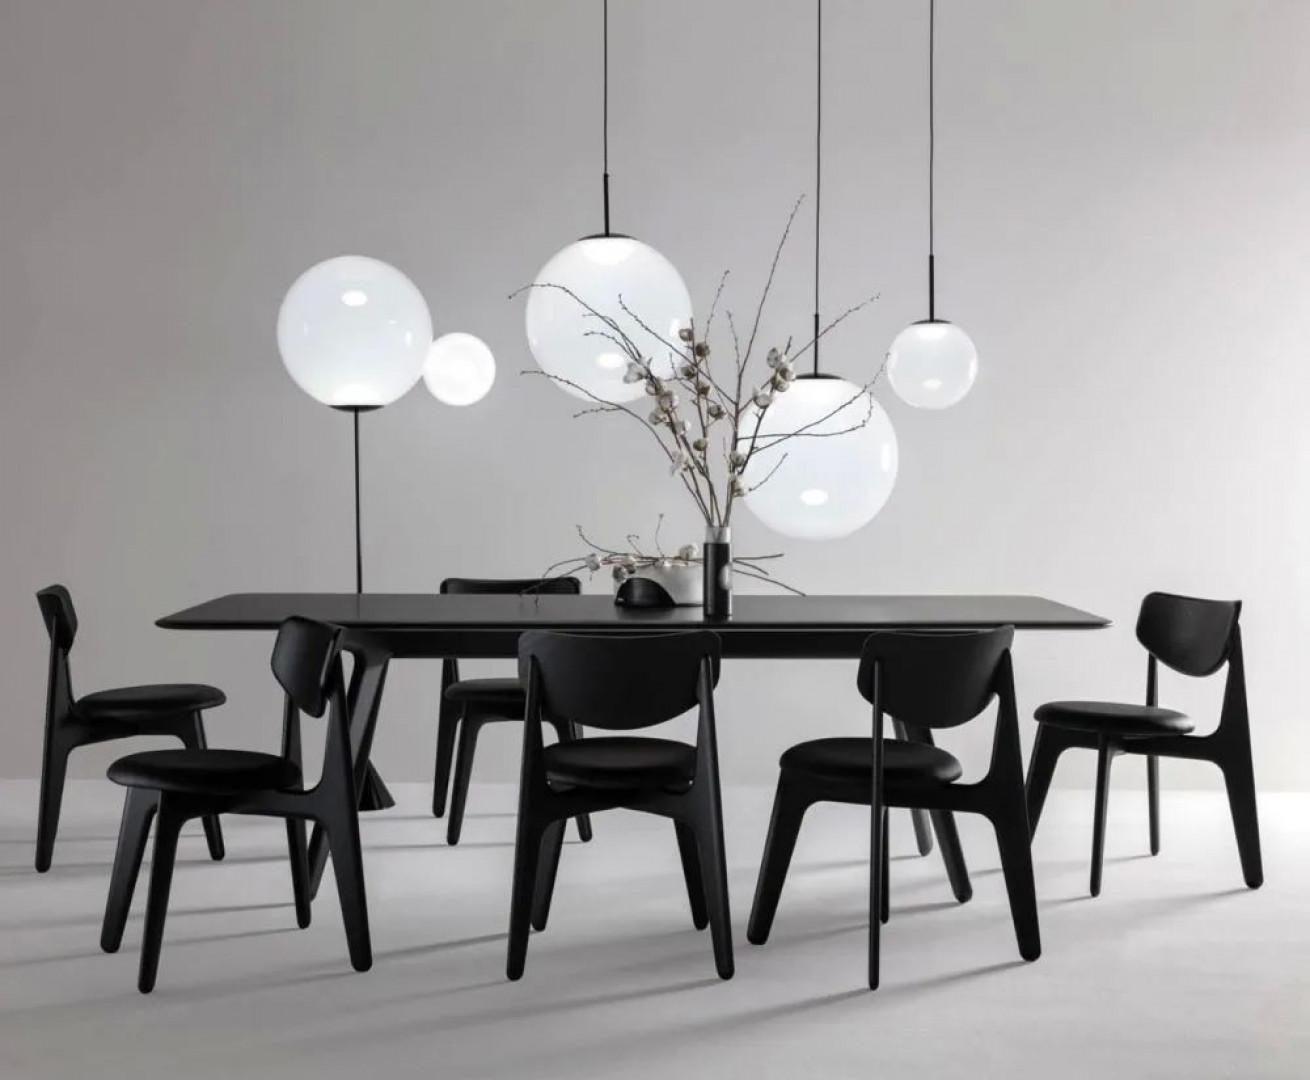 Krzesła Slab firmy Tom Dixon. Projekt: Tom Dixon. Fot. Tom Dixon